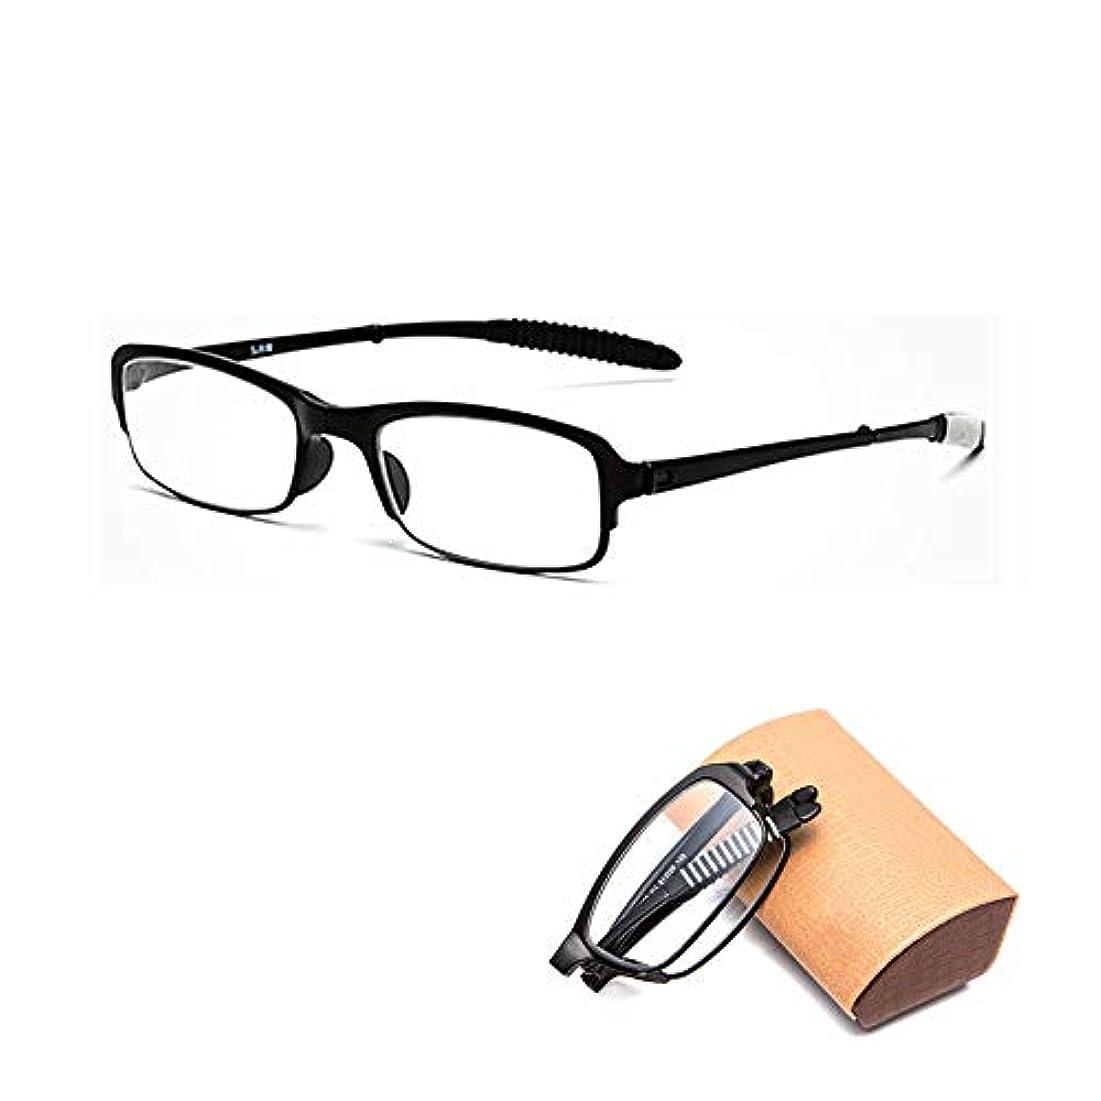 性差別石スキャンおしゃれな男性と女性の折りたたみ老眼鏡、超軽量のTR90快適な昔ながらの眼鏡、超軽量のTR90 HD非球面レンズ、目の疲労を軽減